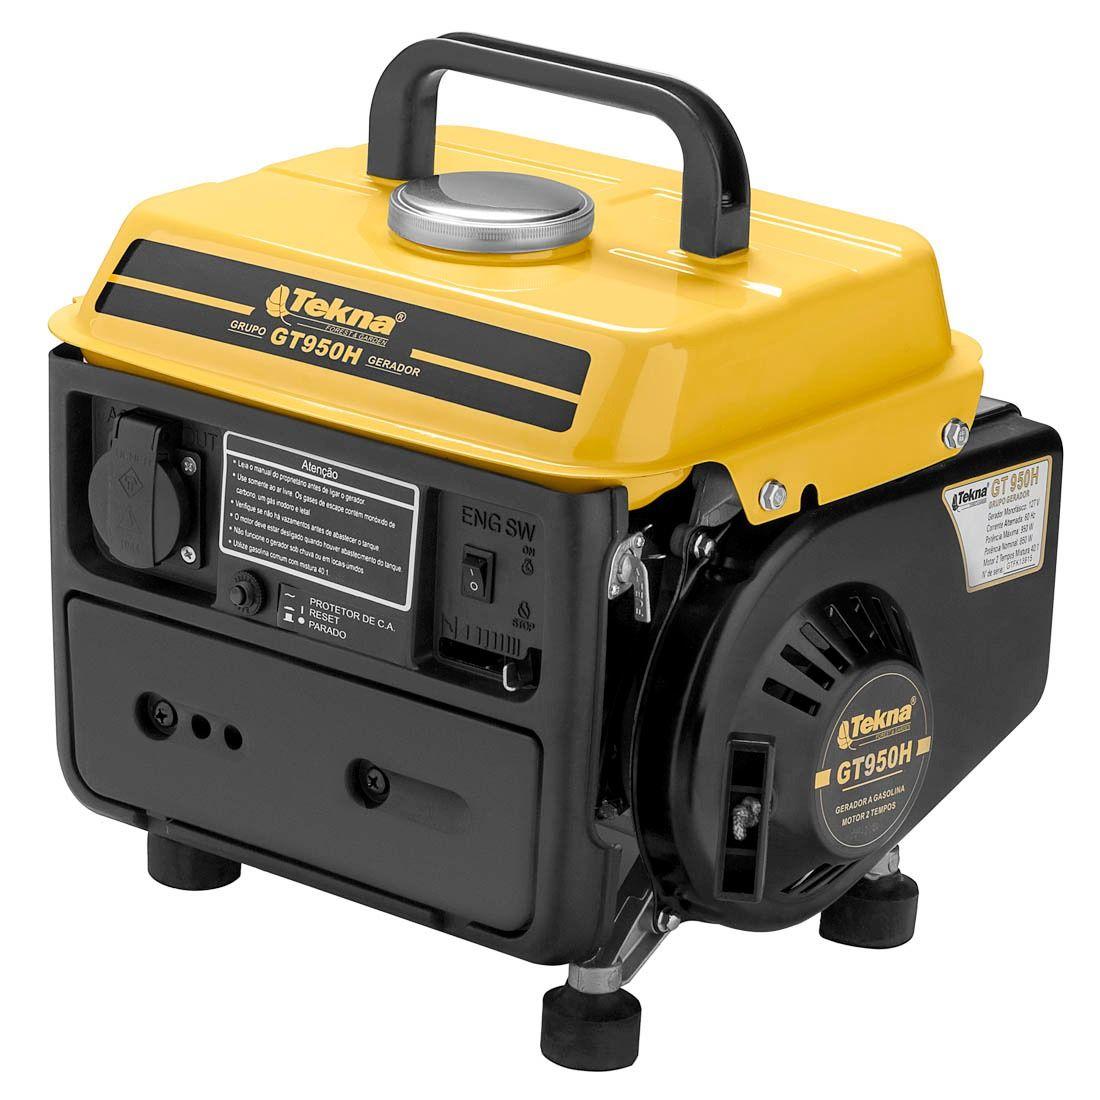 Gerador Tekna 950w Com Carregador de Baterias 12V 2 Tempos